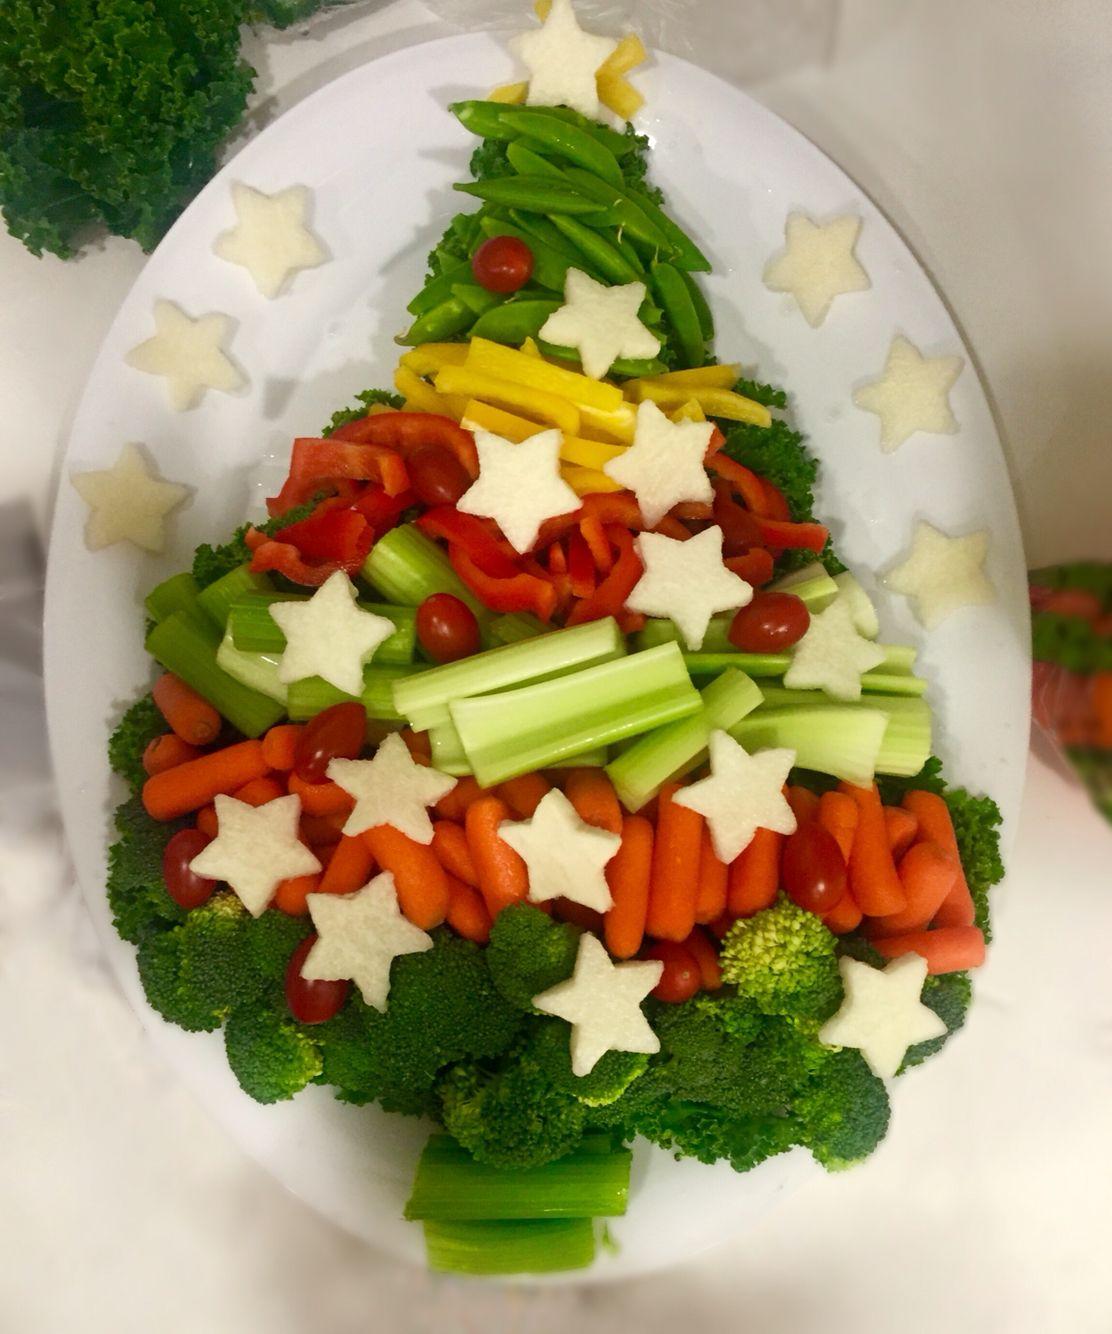 festive christmas tree veggie tray christmasveggies vegetabletray schoolchristmasparty